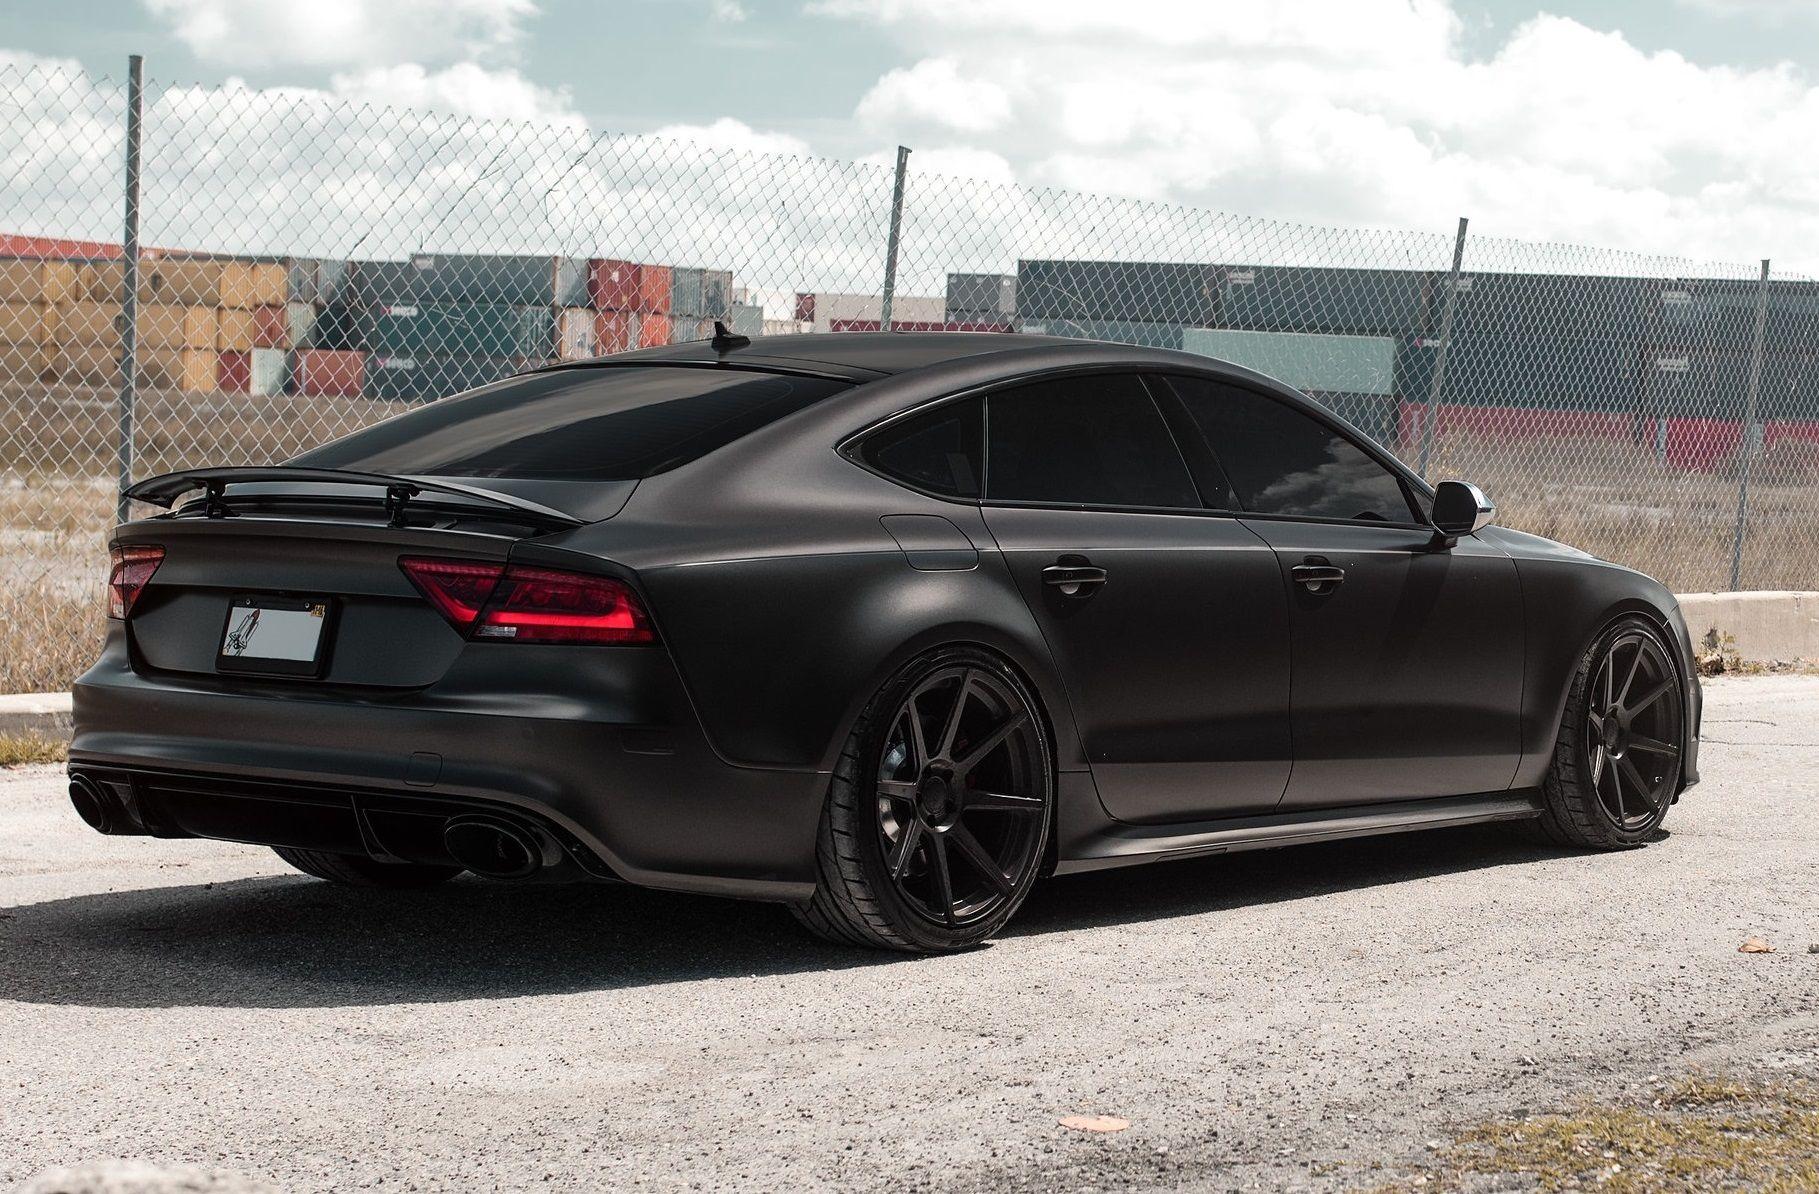 Matt Black Audi Rs7 On Velgen Wheels Black Audi Audi Dream Cars